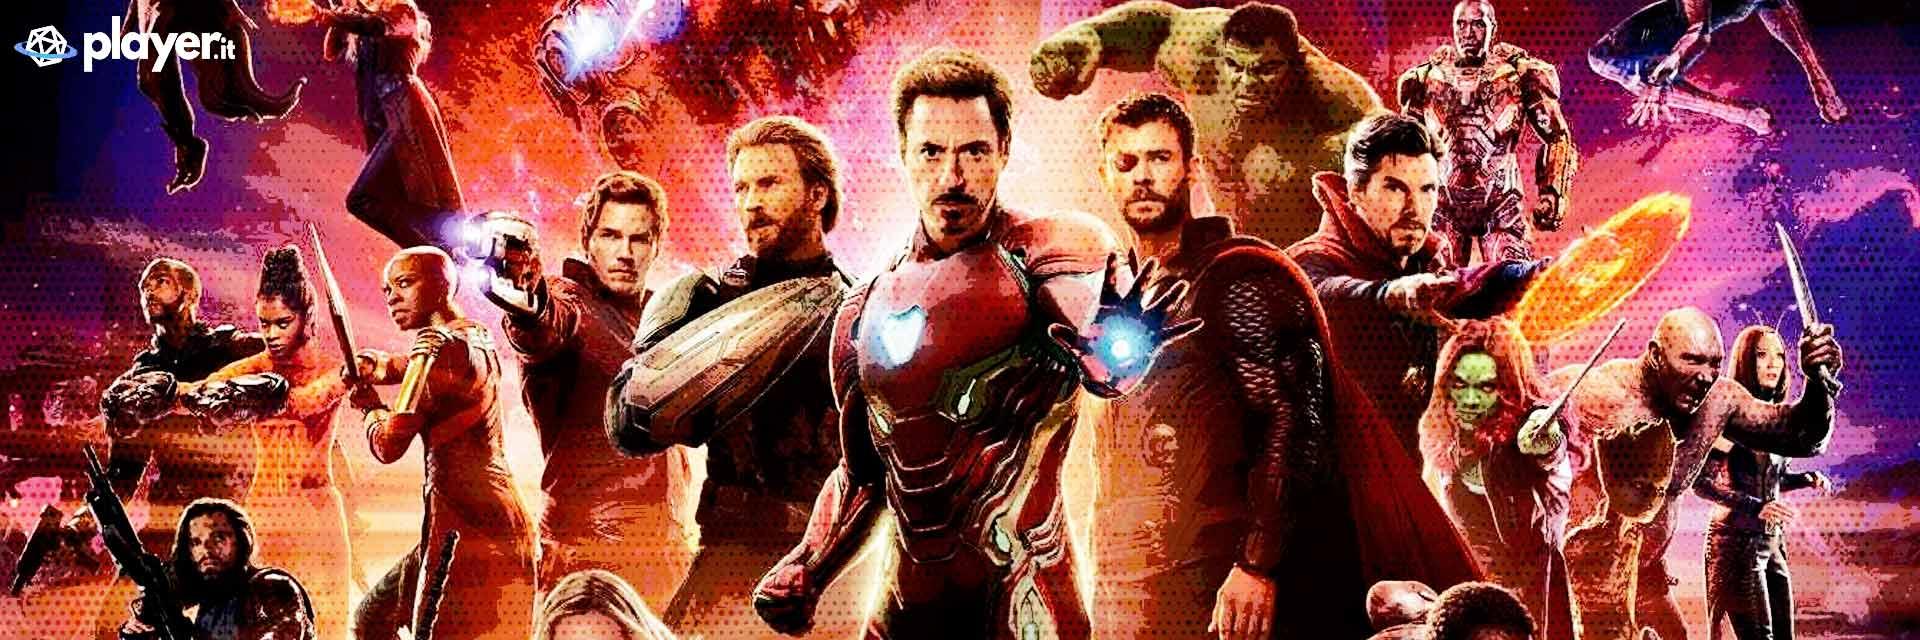 marvel avengers 2020 wallpaper in hd